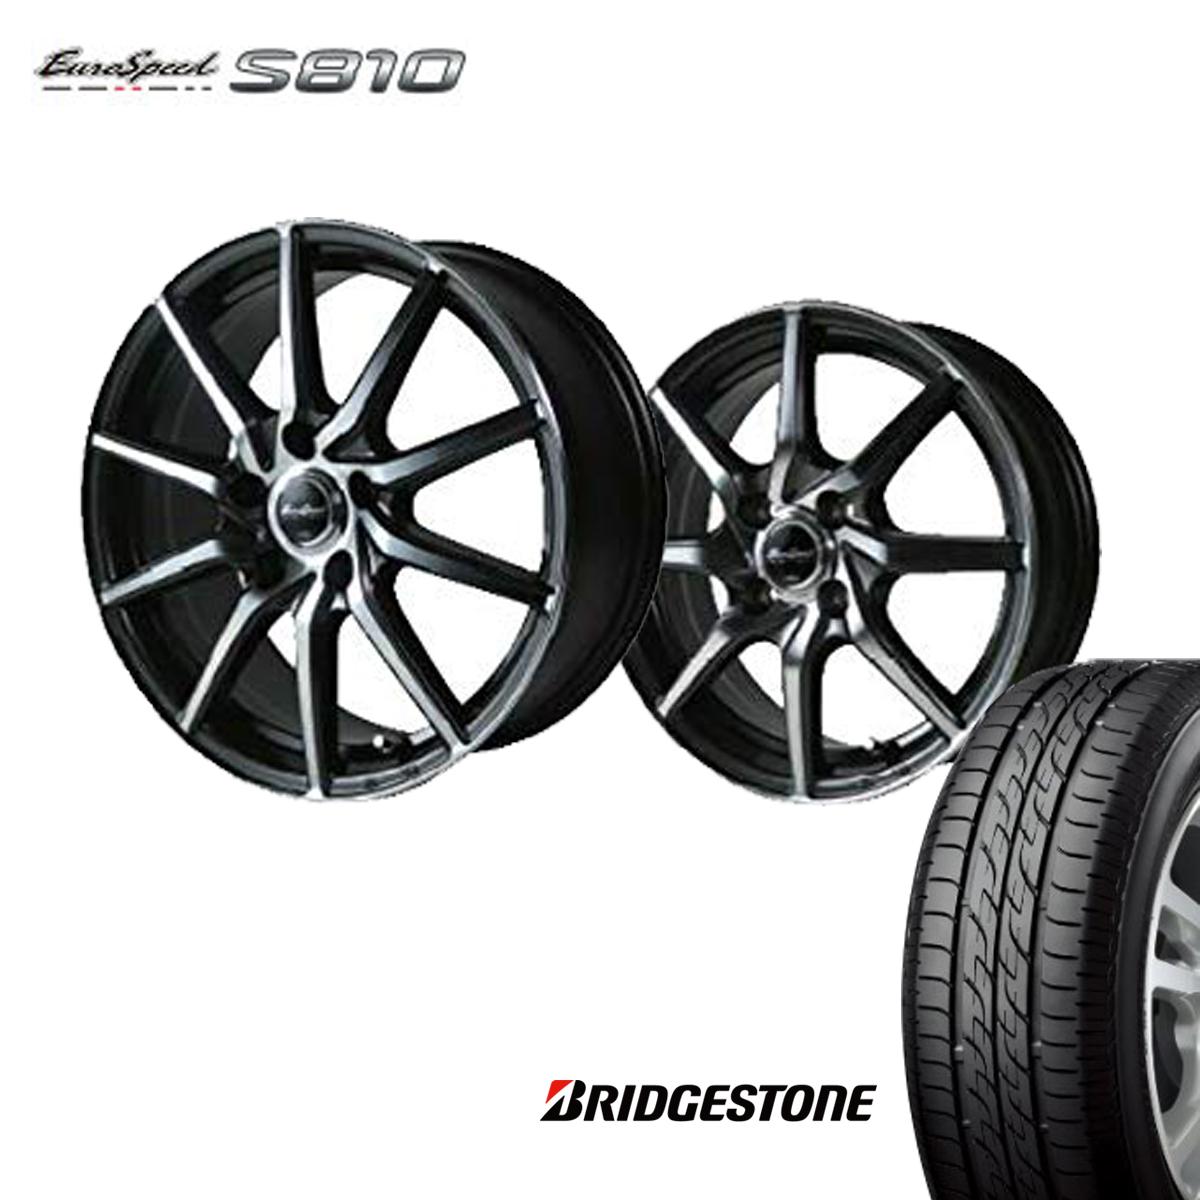 Euro Speed S810 タイヤ ホイール セット 4本 14インチ 4H100 5.5J+45 ユーロスピード S810 マナレイ スポーツ ブリヂストン 175/70R14 175 70 14